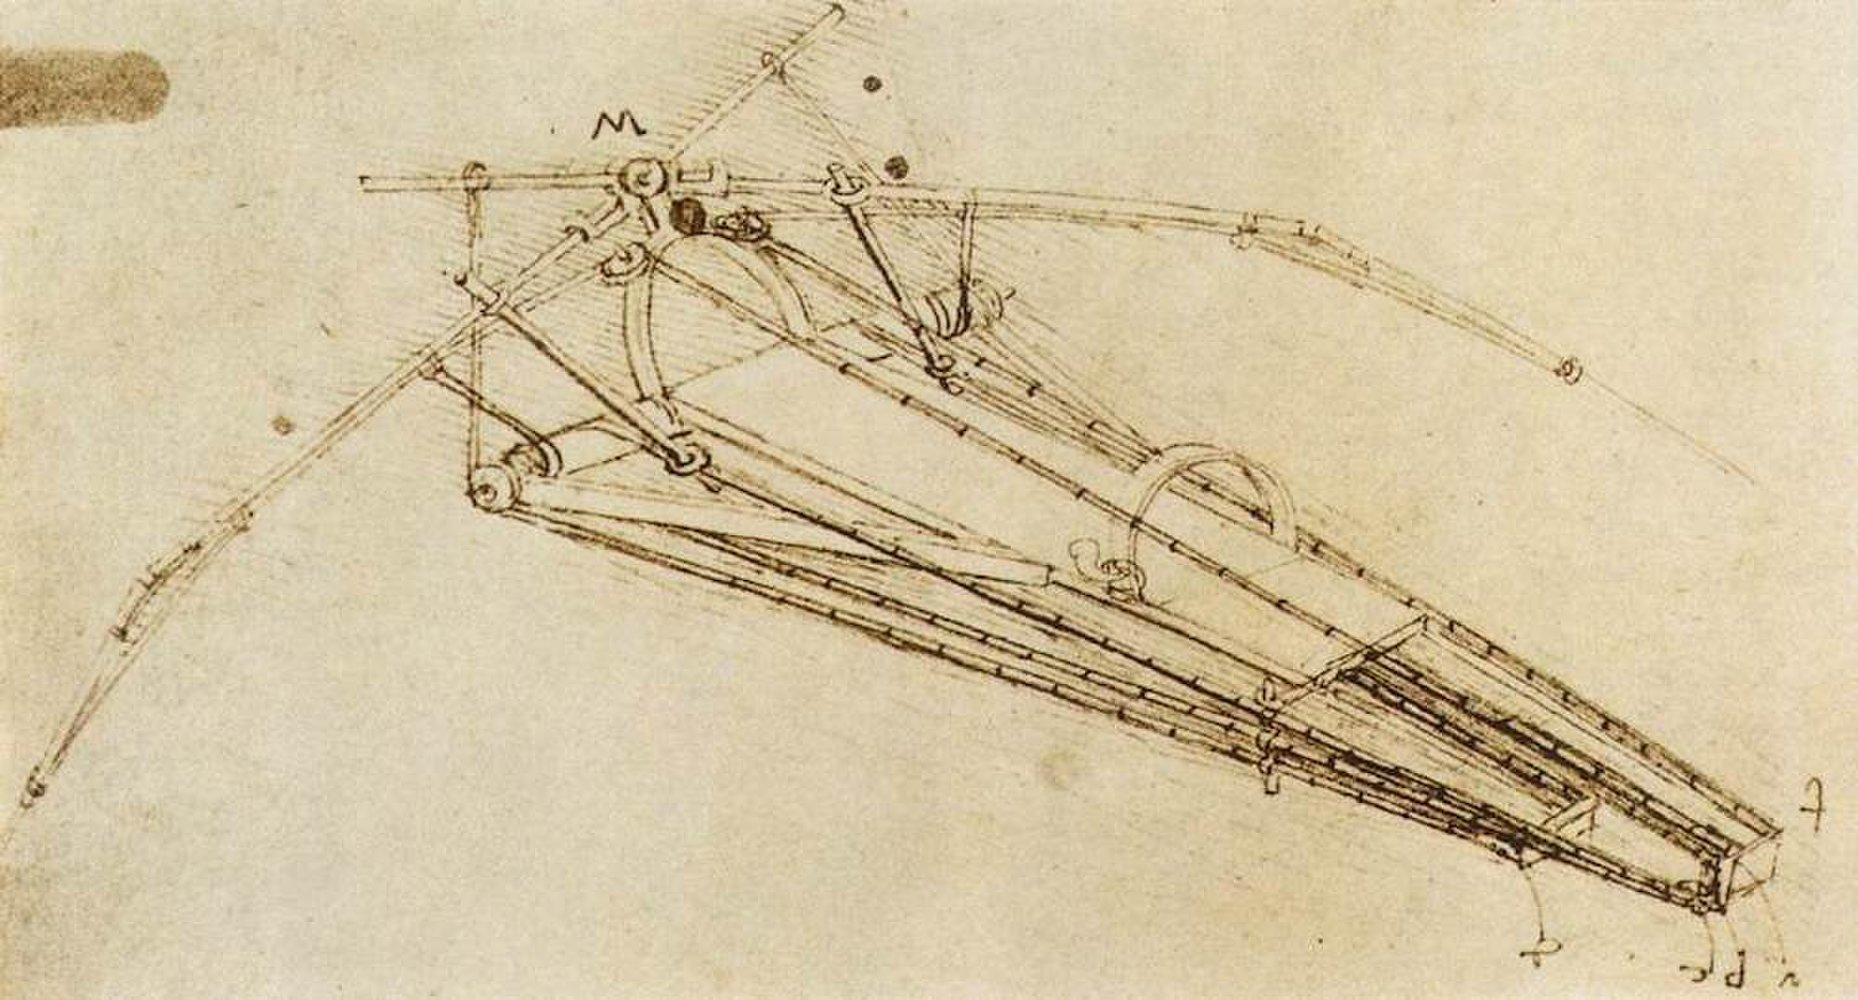 da Vinci's ornithopter, second sketch